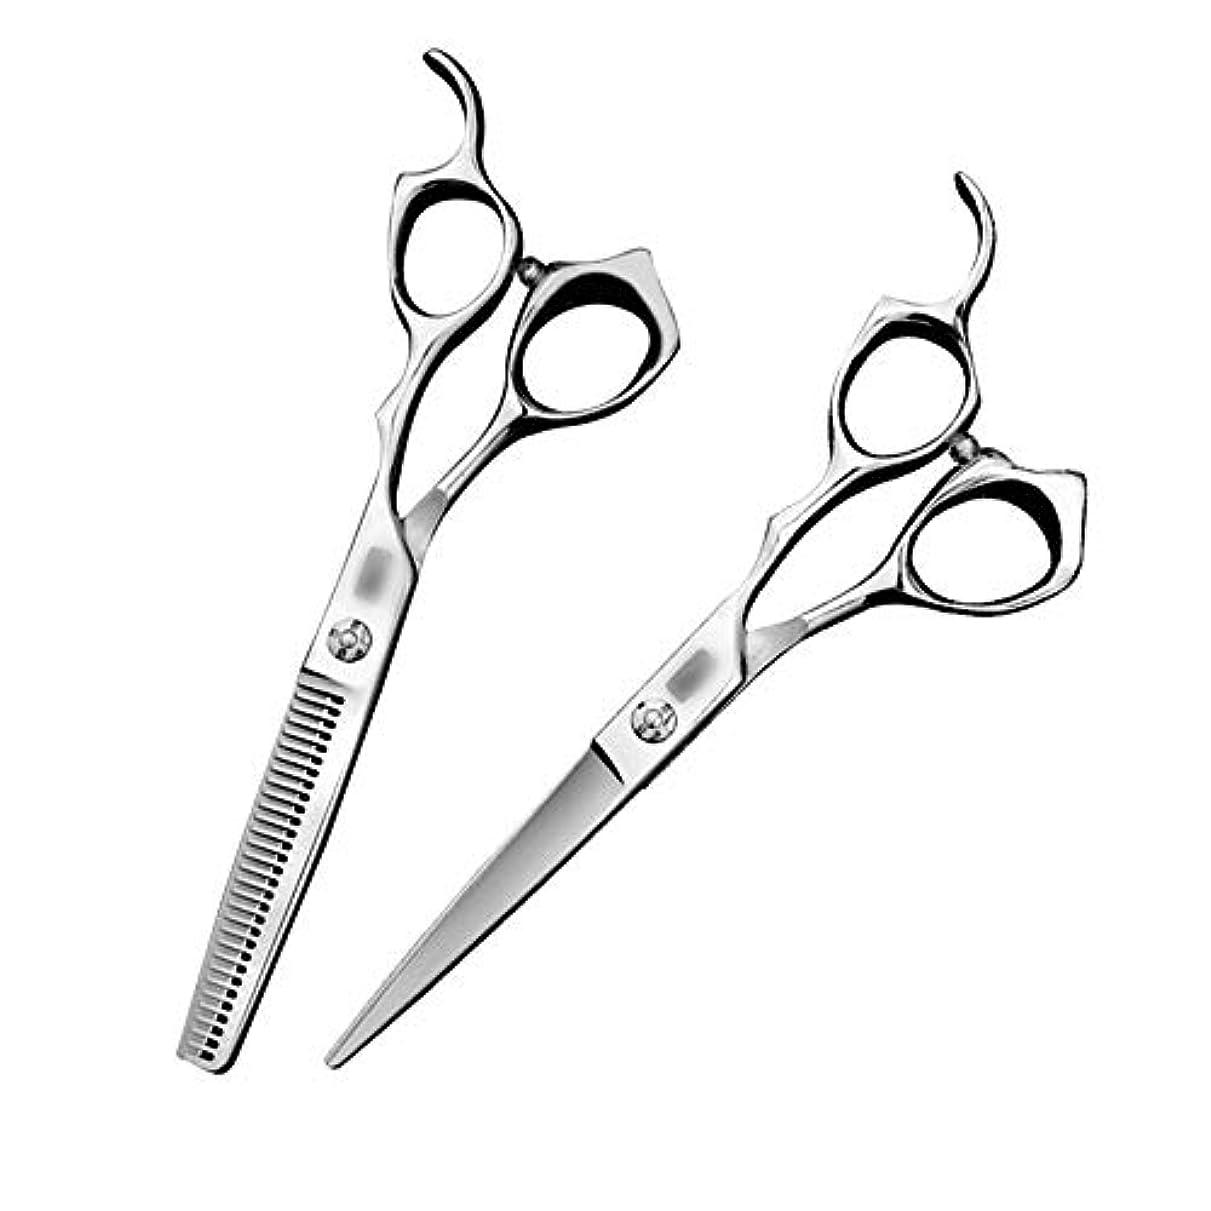 つかの間軽くネズミ6インチ美容院プロフェッショナルハイエンド理髪はさみ散髪フラットはさみ+歯はさみツールセット ヘアケア (色 : Silver)